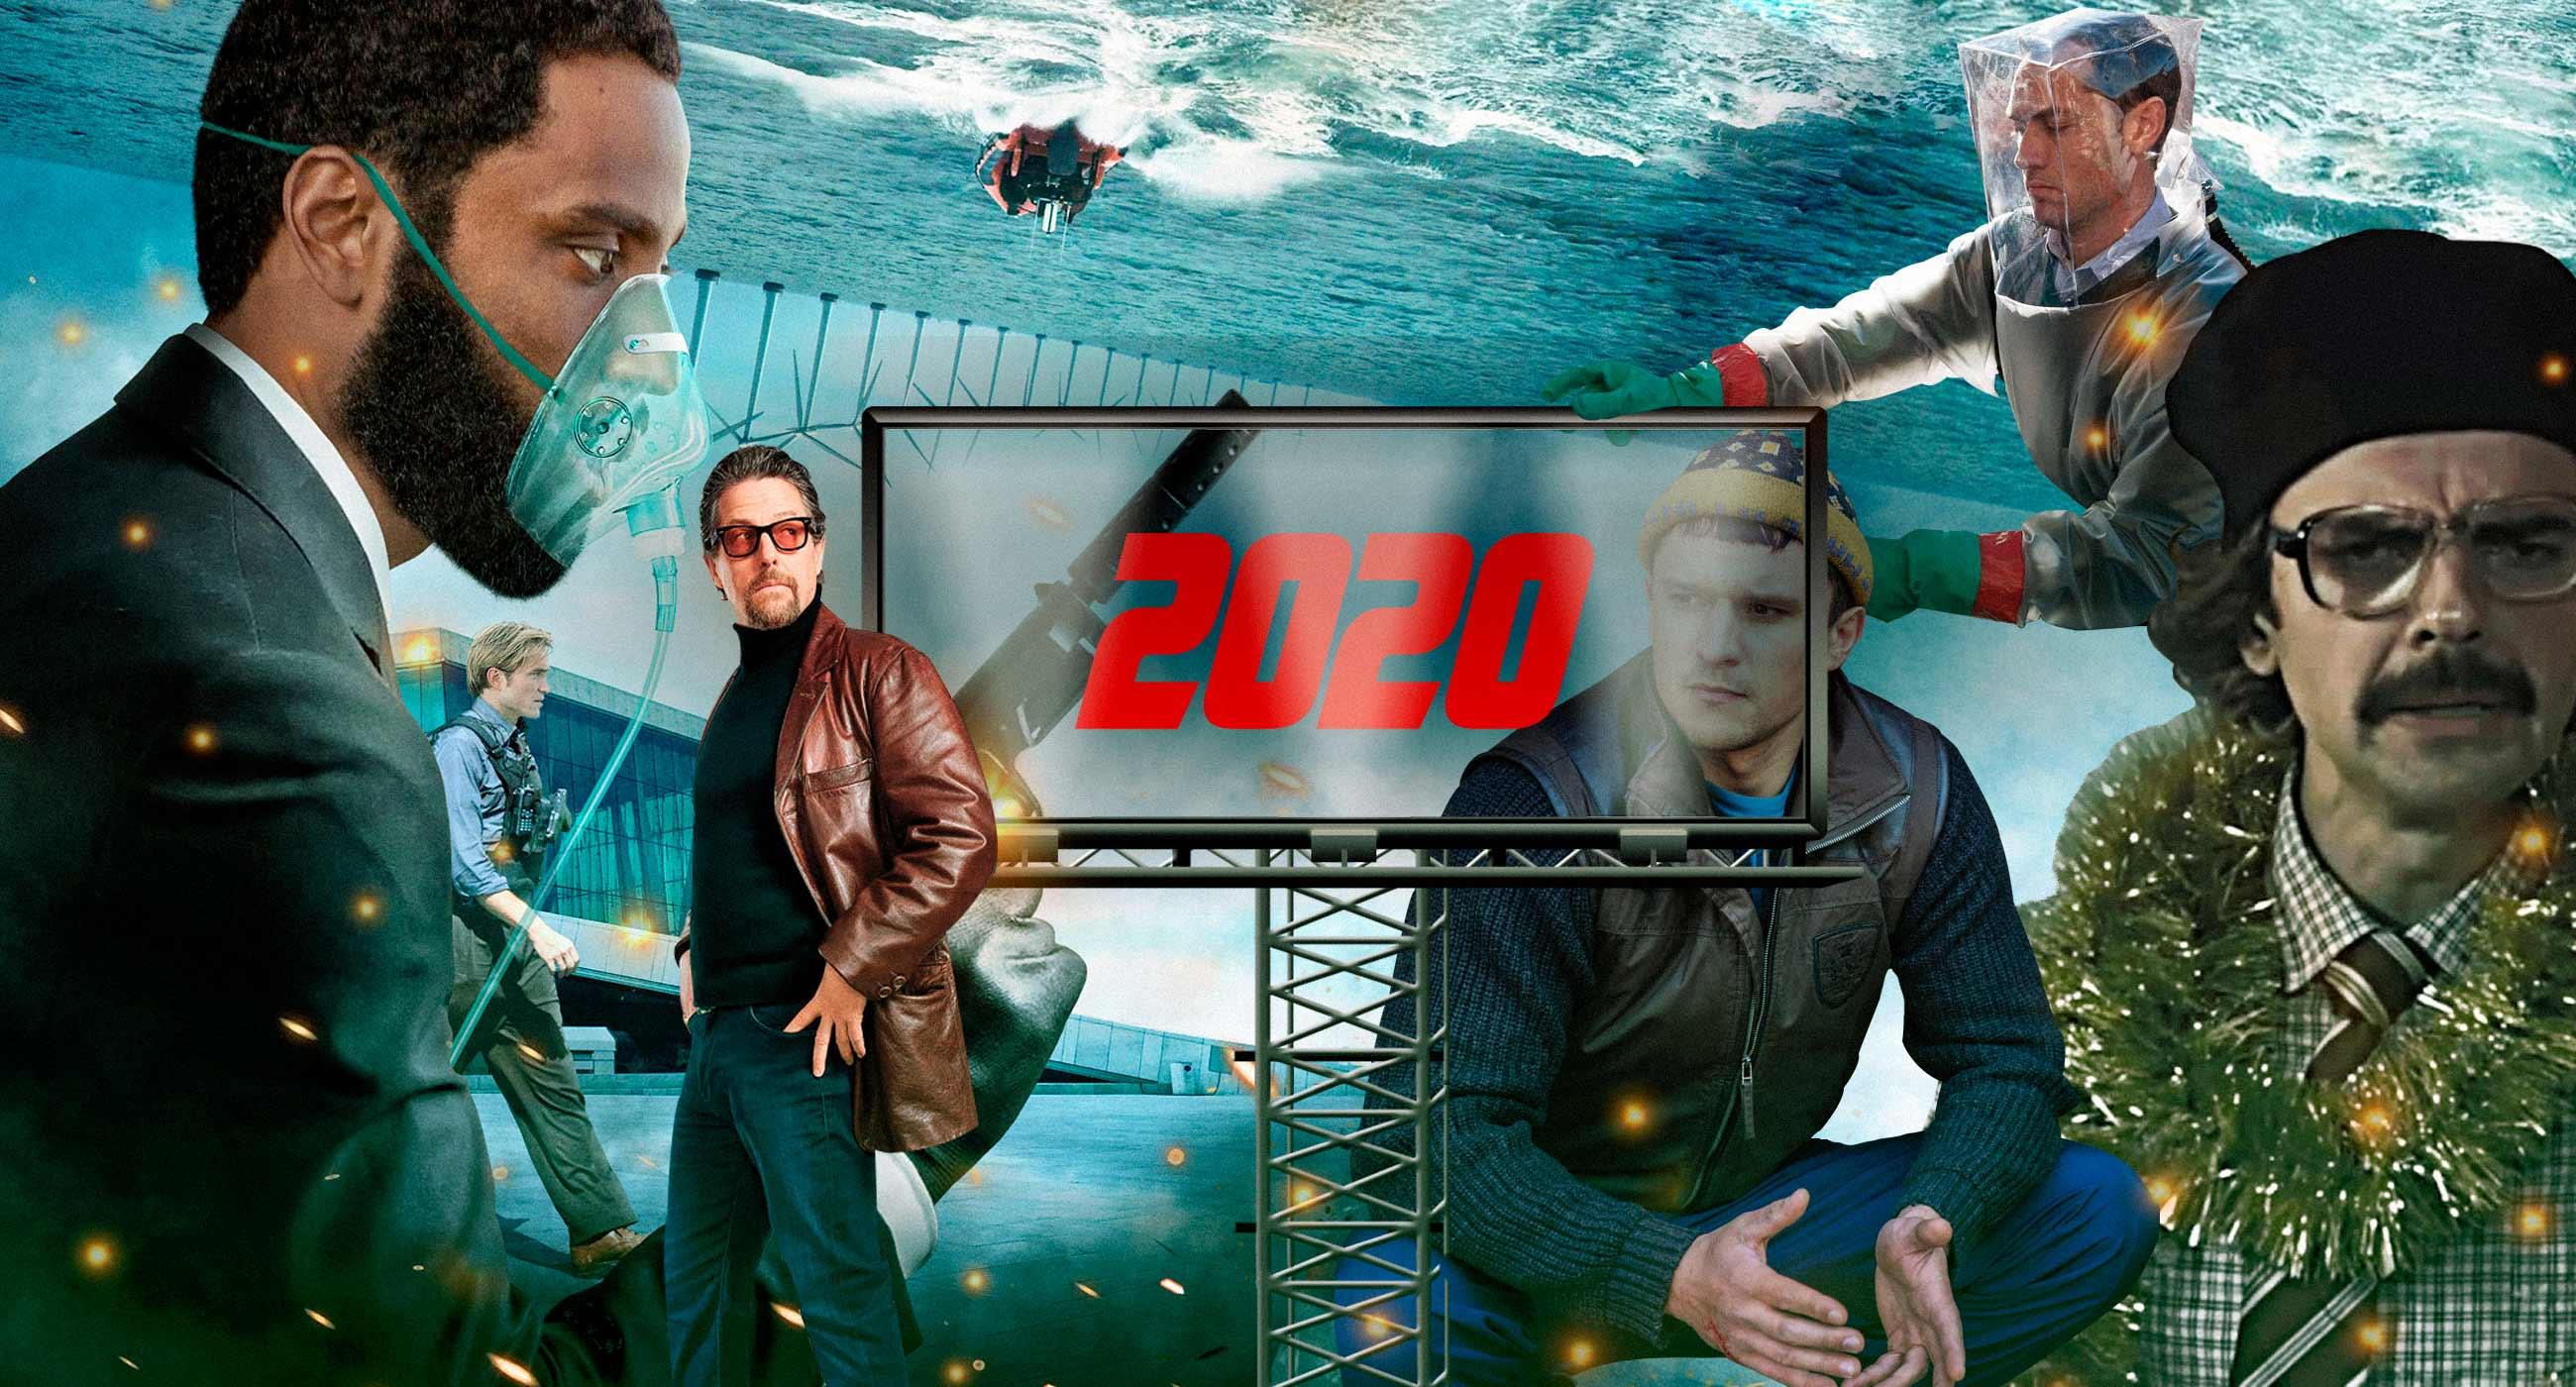 У новій реальності. Підсумки пандемійного кінороку 2020 від Заборони